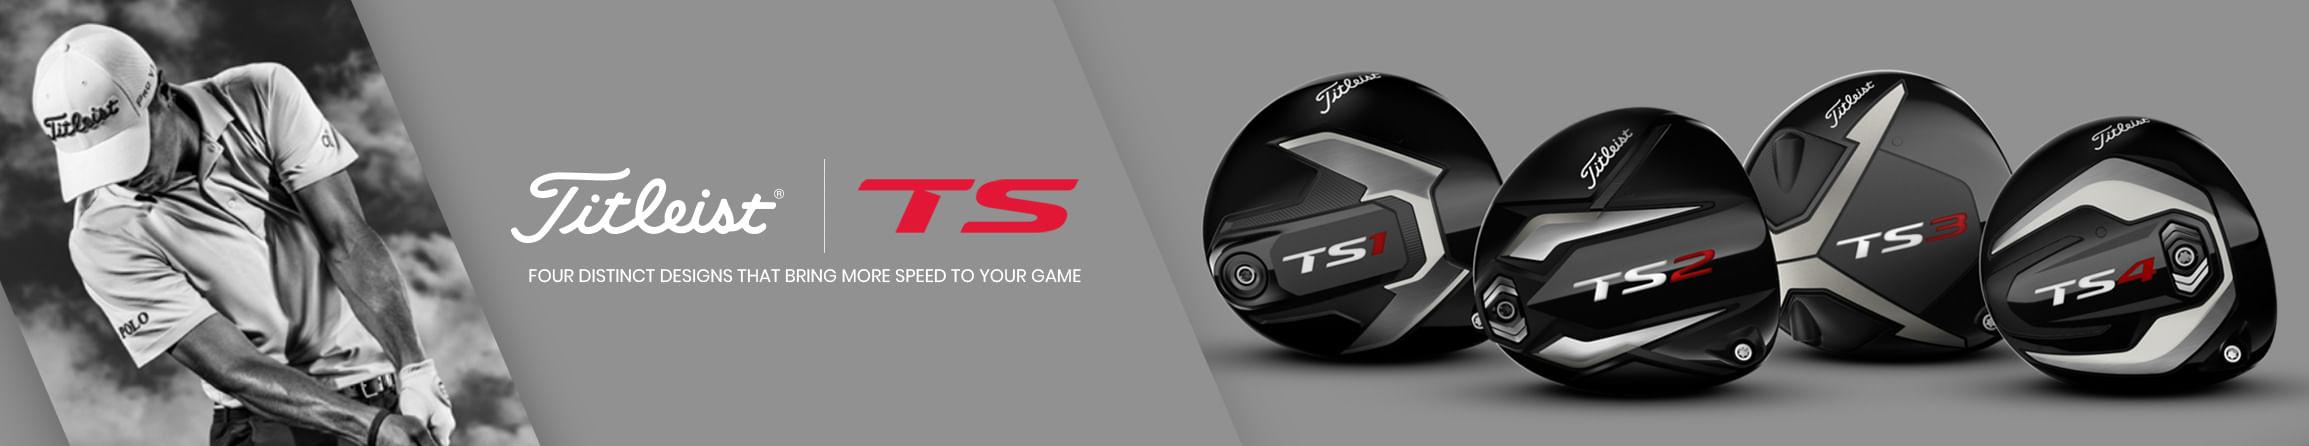 Titleist TS Series golf clubs